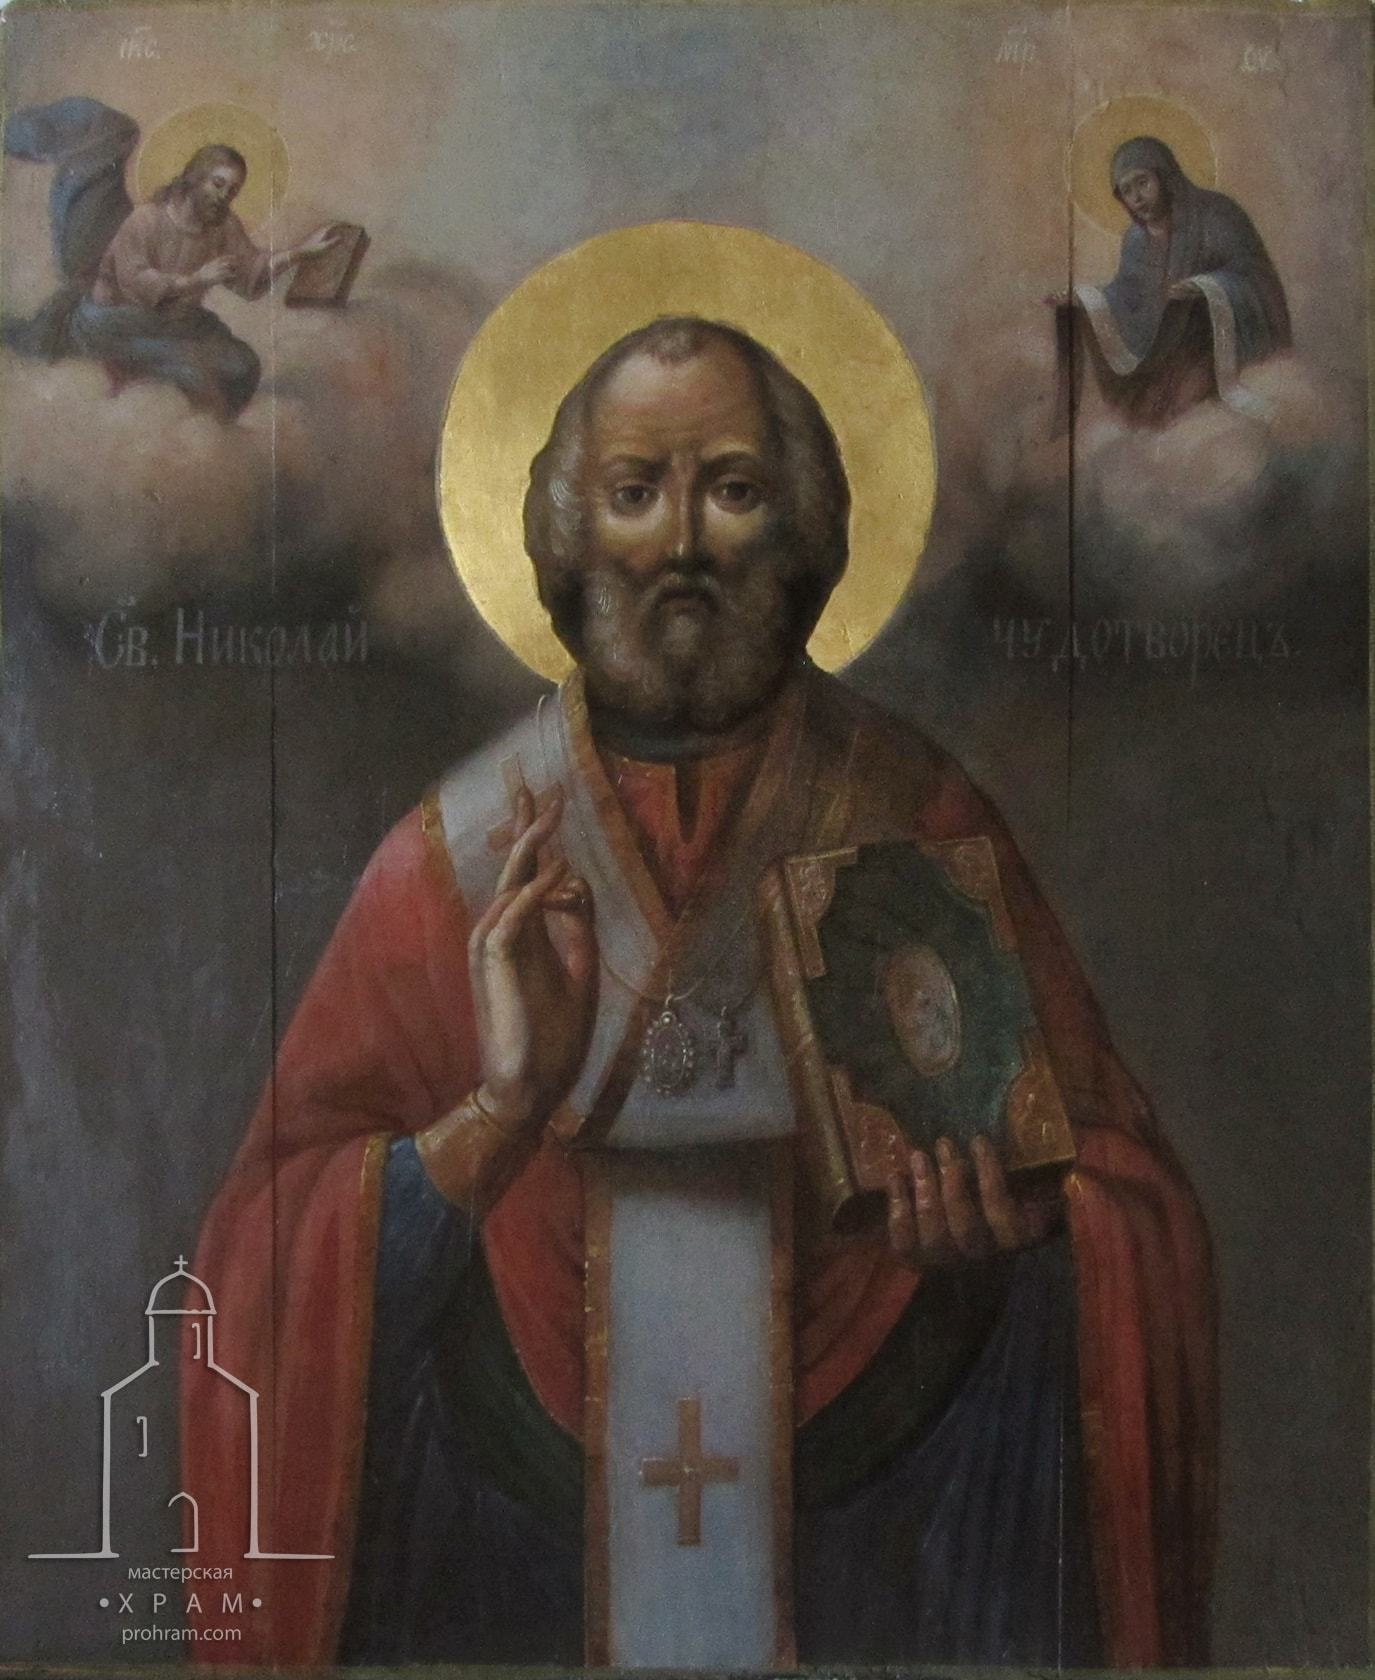 реставрация деревянных икон, реставрация домашней иконы, реставрация иконы минск, реставрация иконы фото до и после